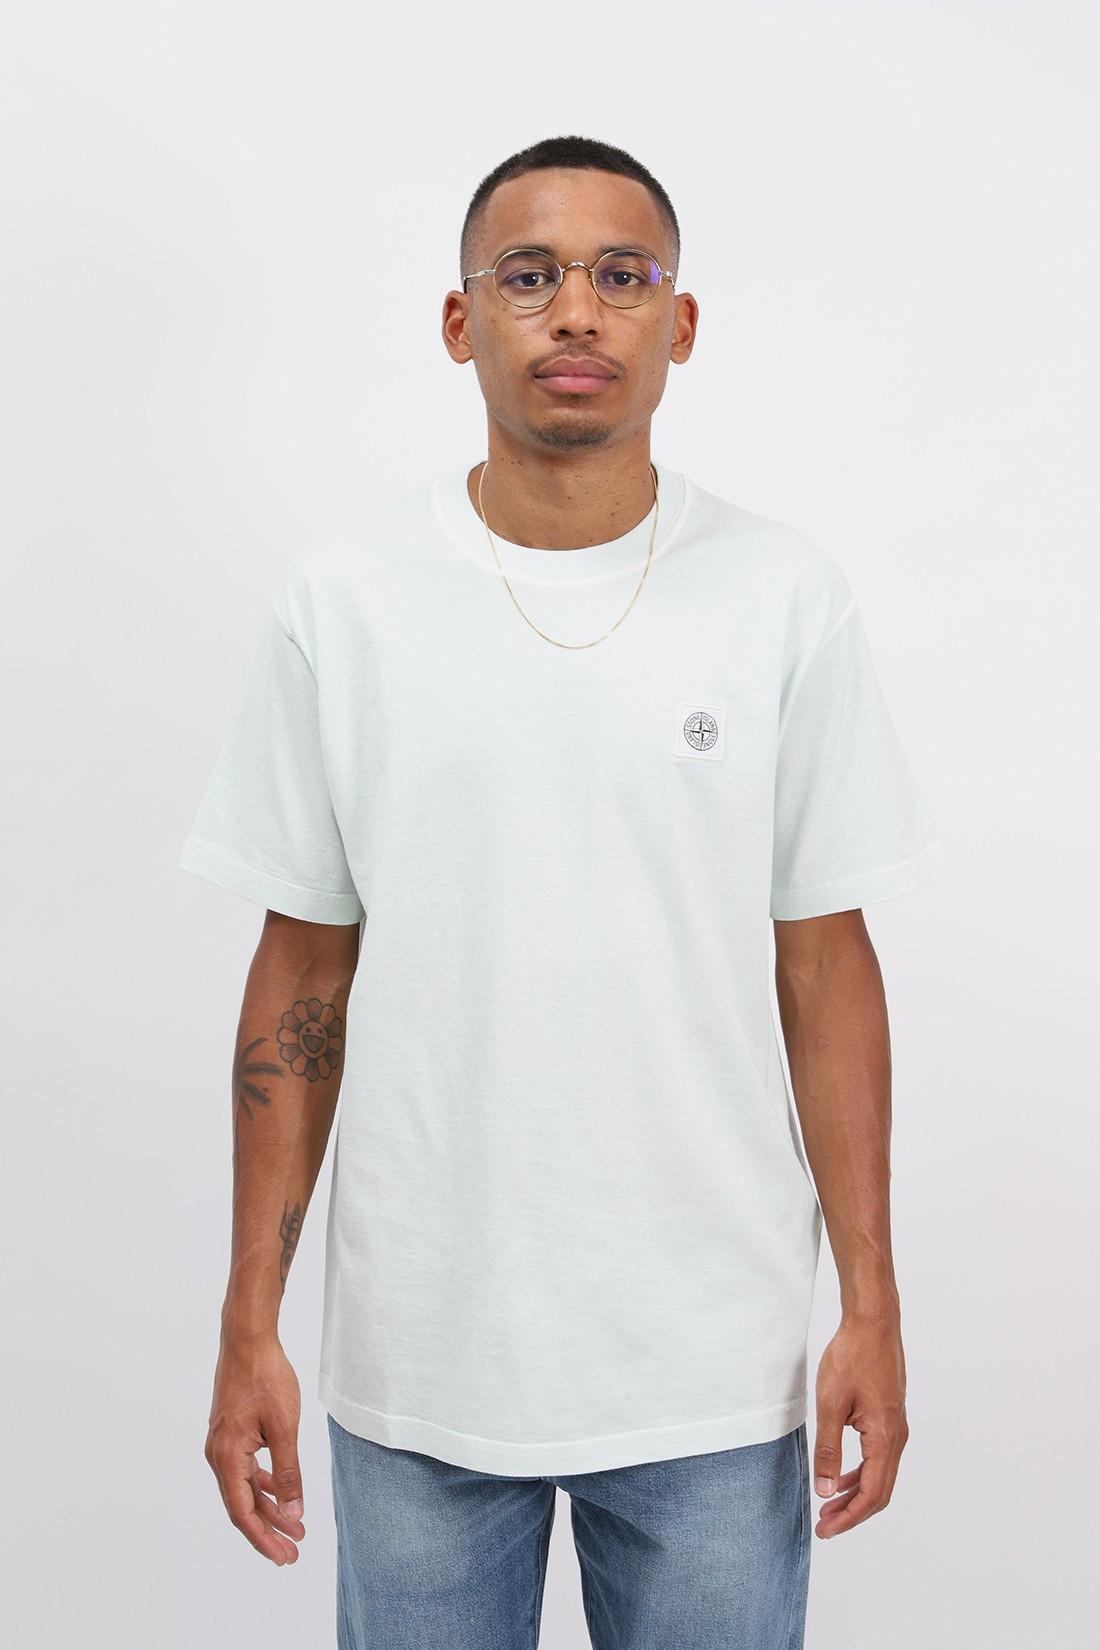 STONE ISLAND / 23742 fissato t shirt v0152 Verde chiaro